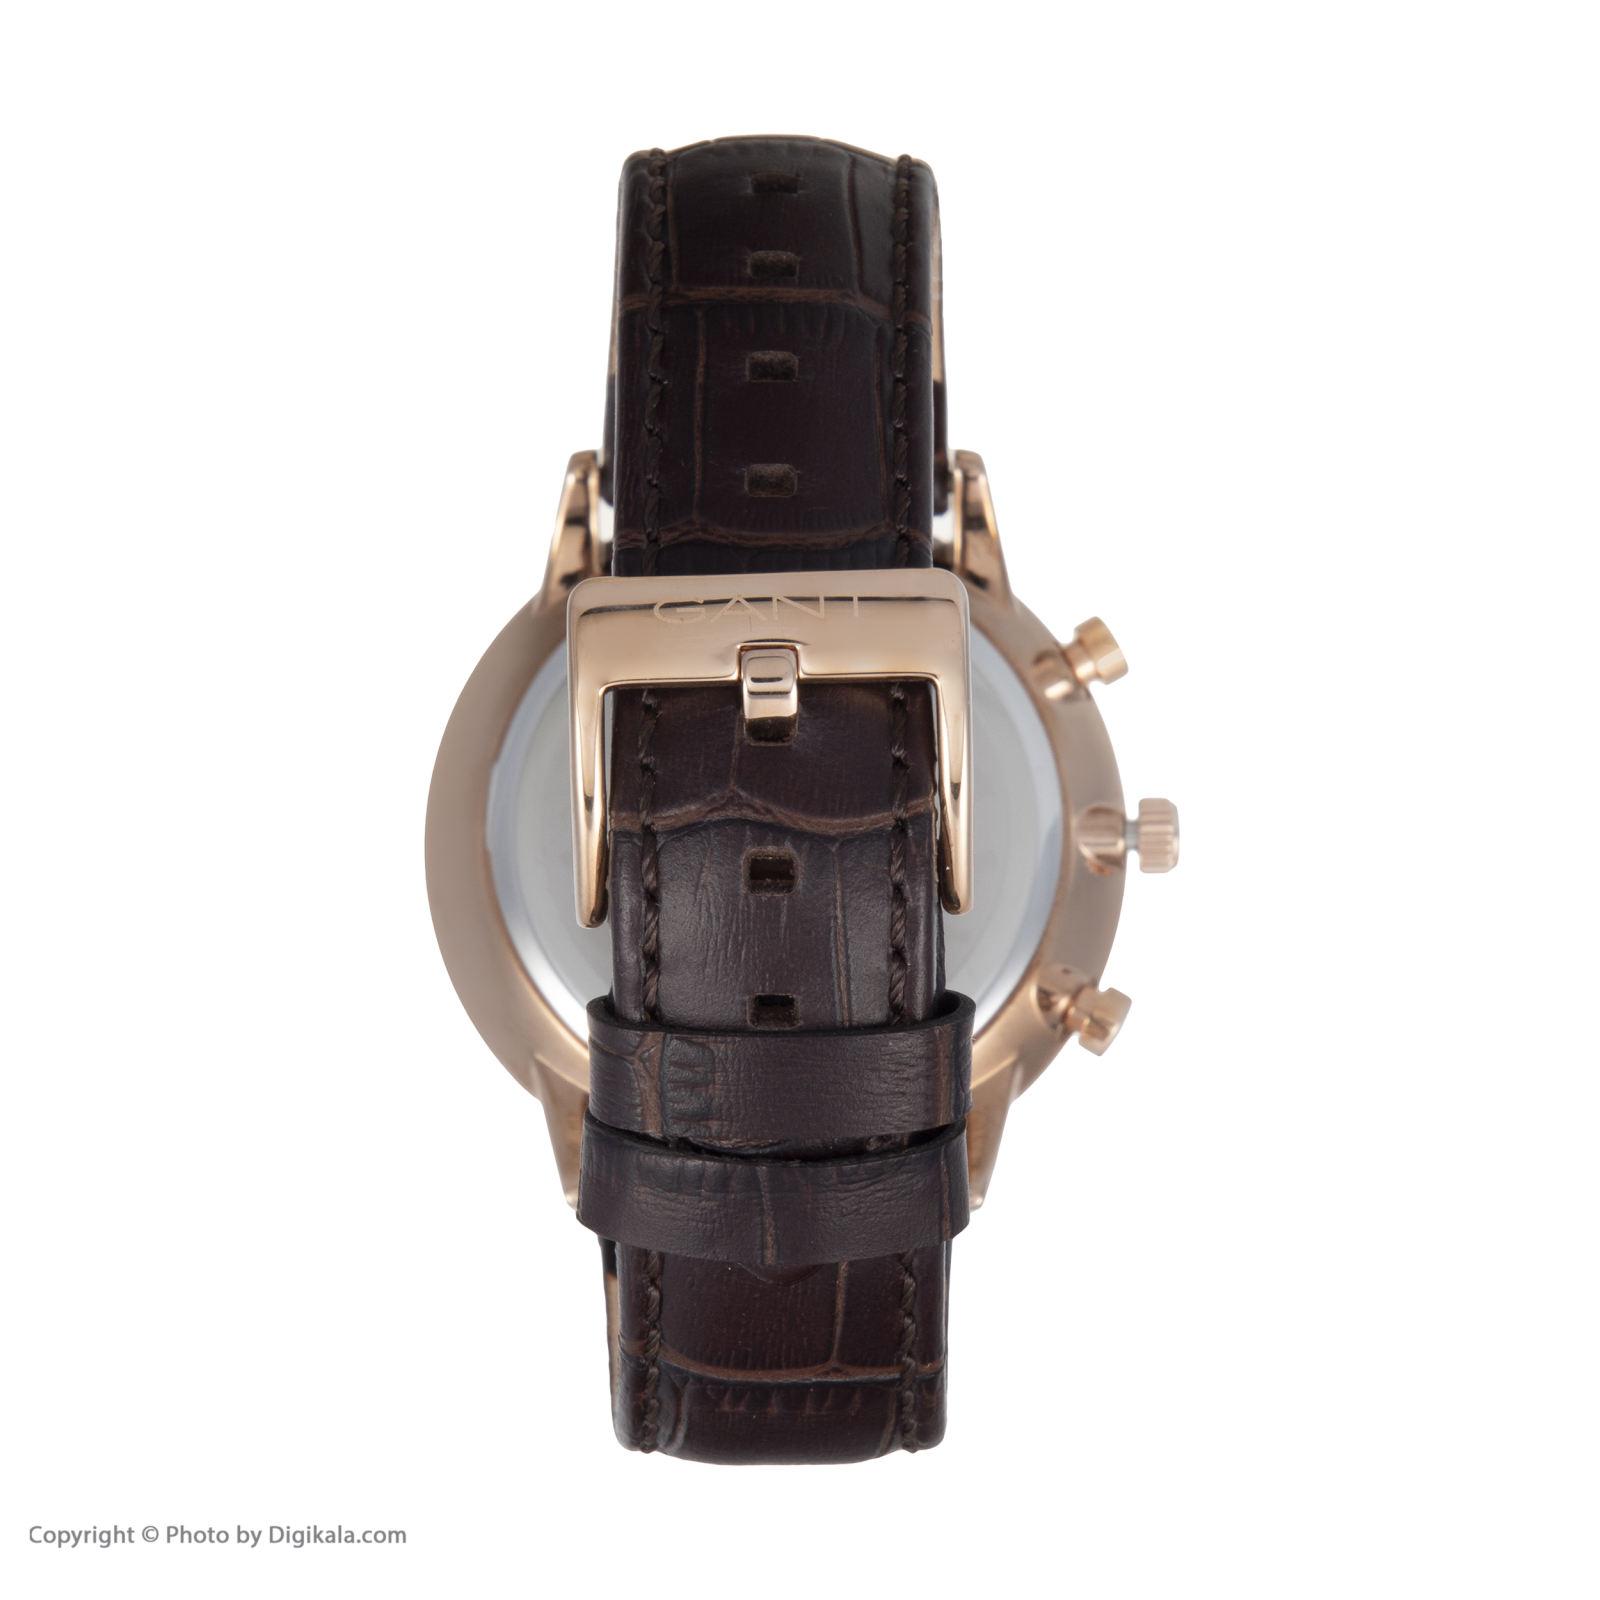 ساعت مچی عقربه ای مردانه گنت مدل GWW024002 -  - 5